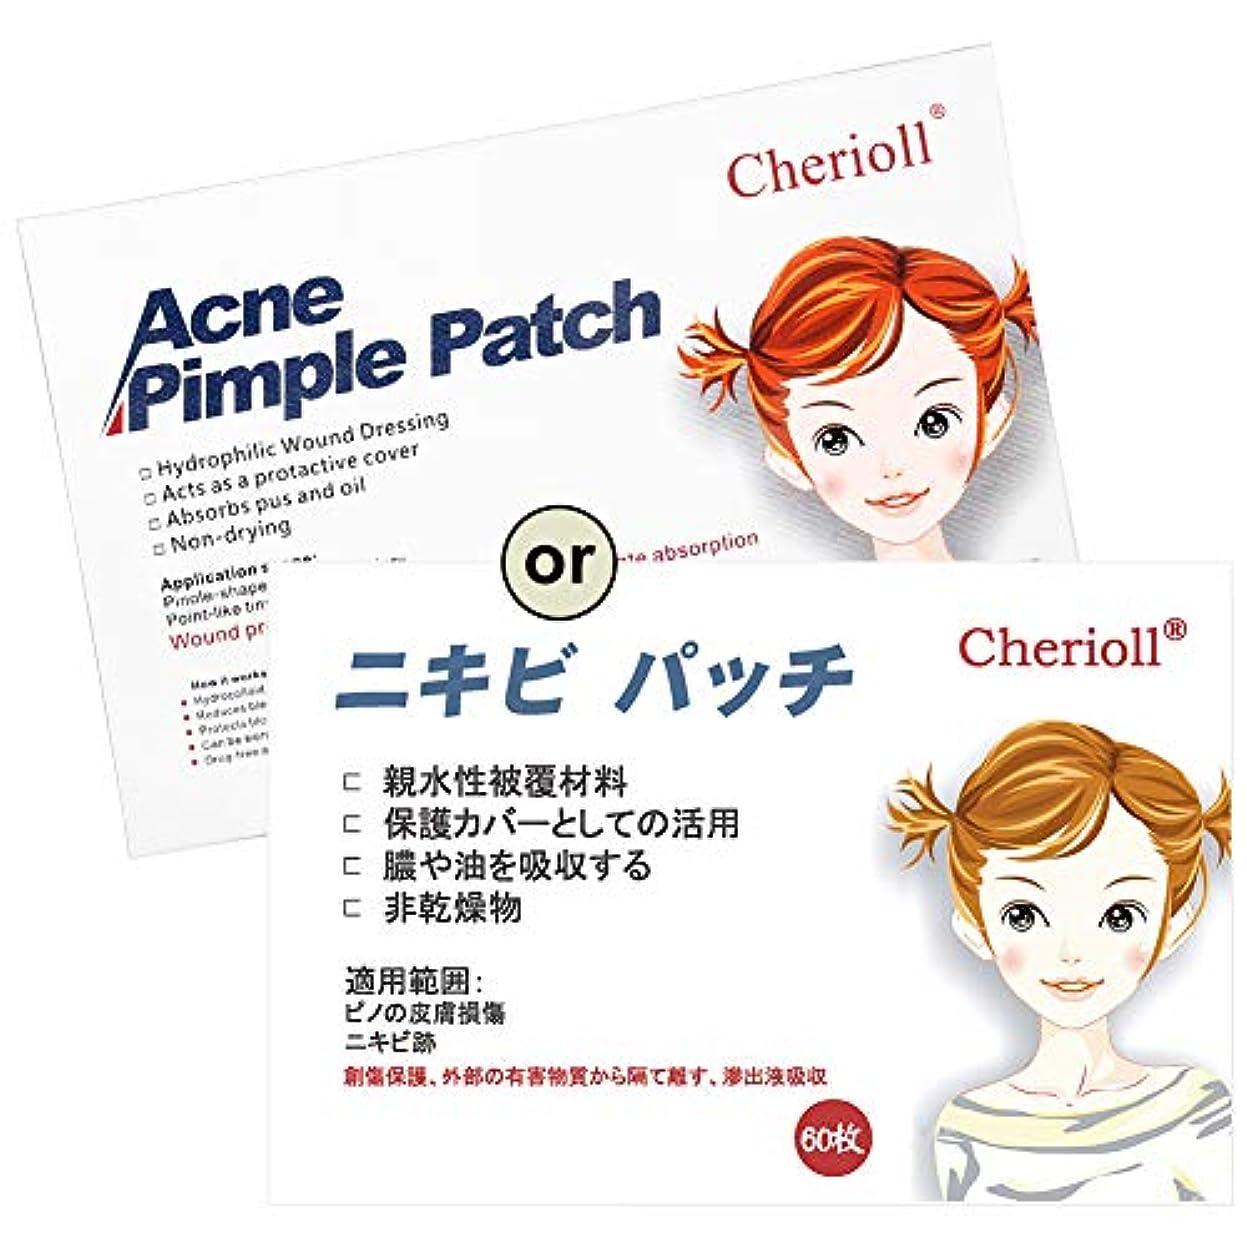 良性タイマー占めるソルーション クリア スポット パッチ Acne Pimple Patch 集中ケアシート